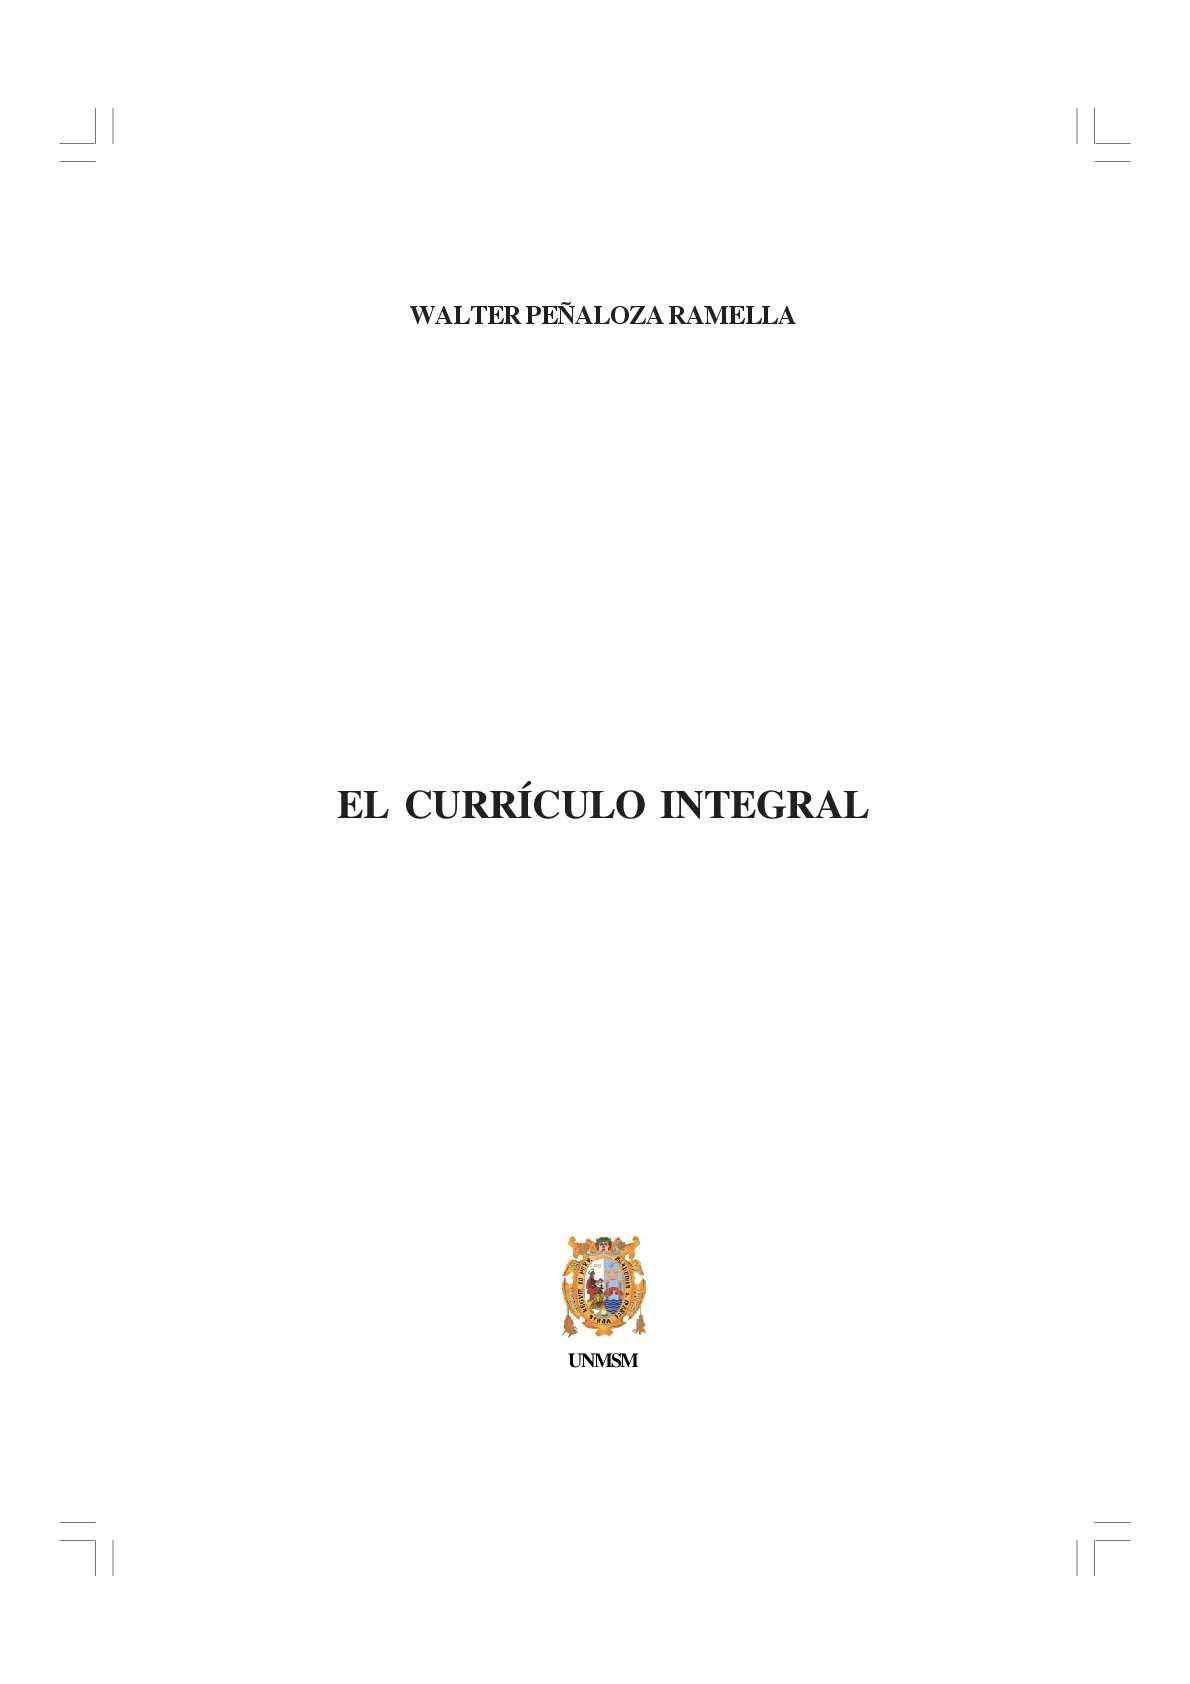 Calaméo - CURRICULO INTEGRAL WALTER PEÑALOZA PUBLICADO SIN FINES ...